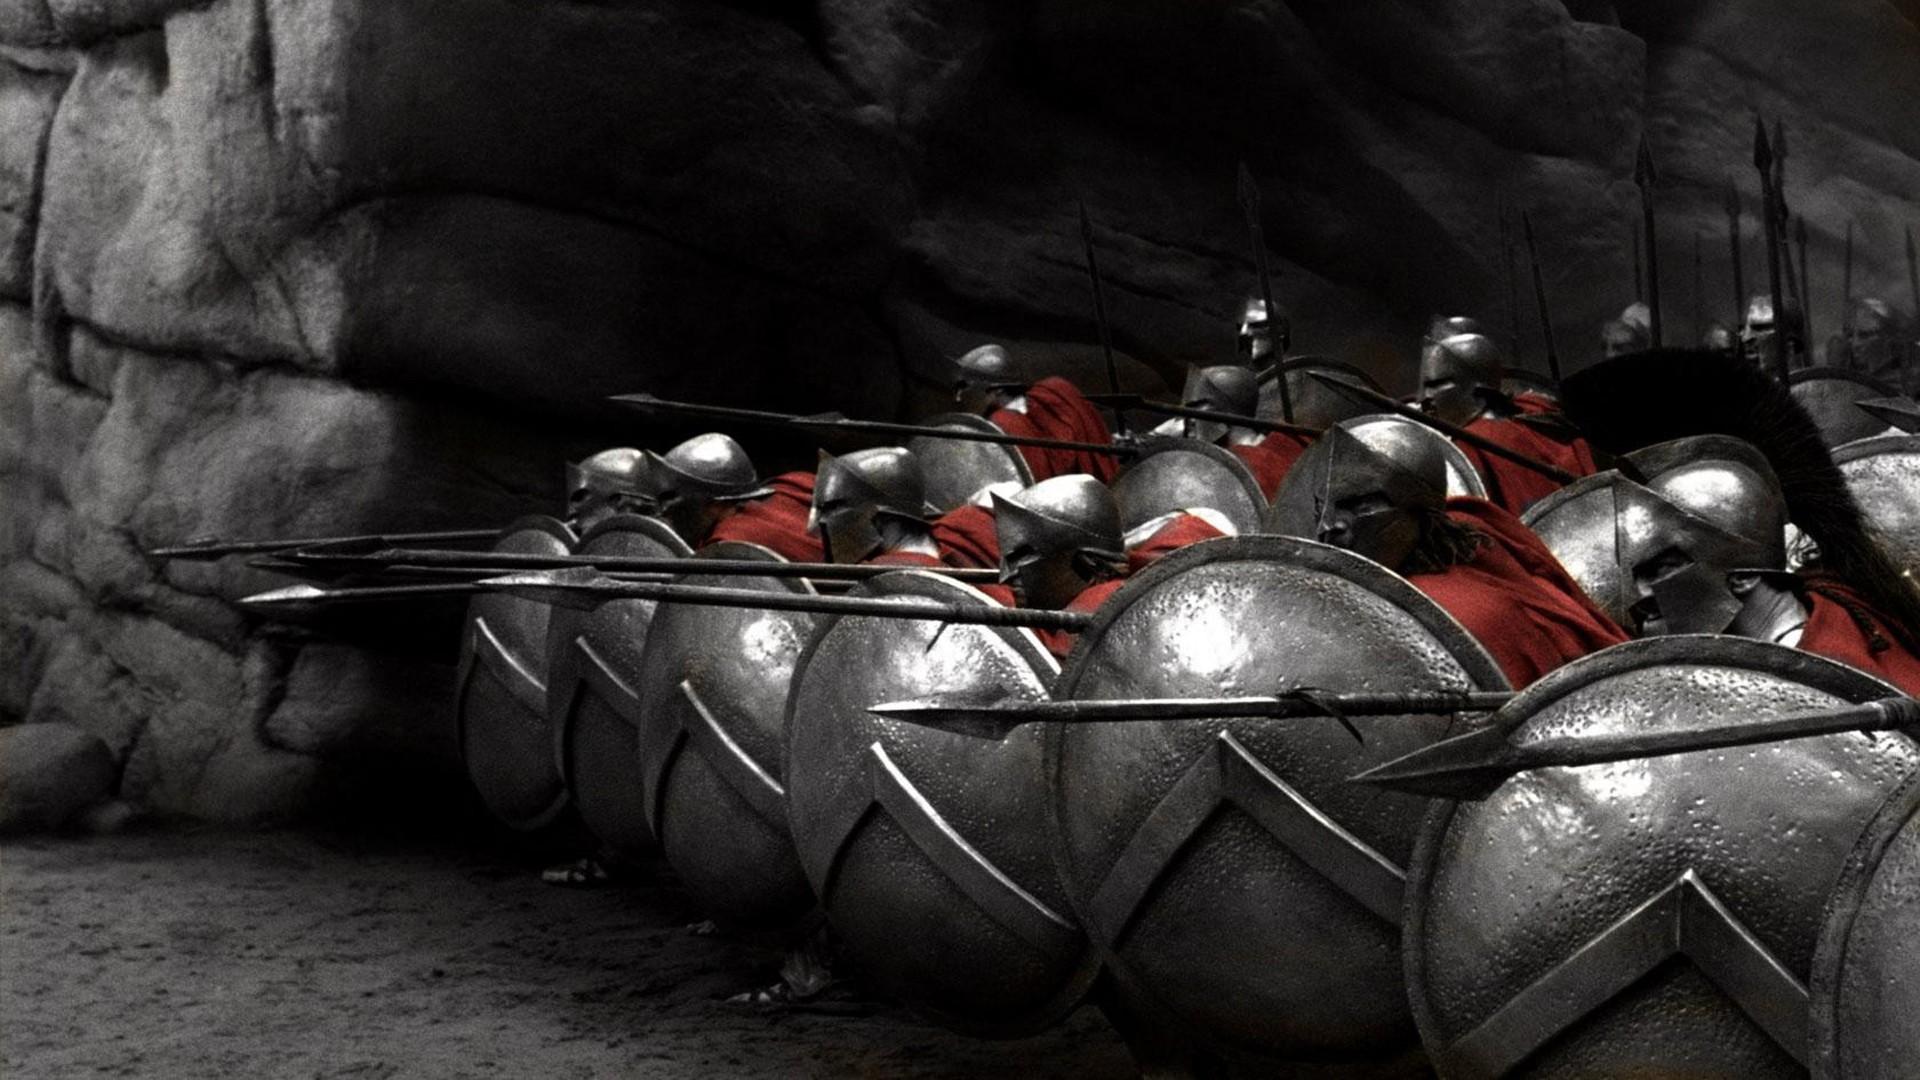 300 спартанцев, фото, скачать обои для рабочего стола